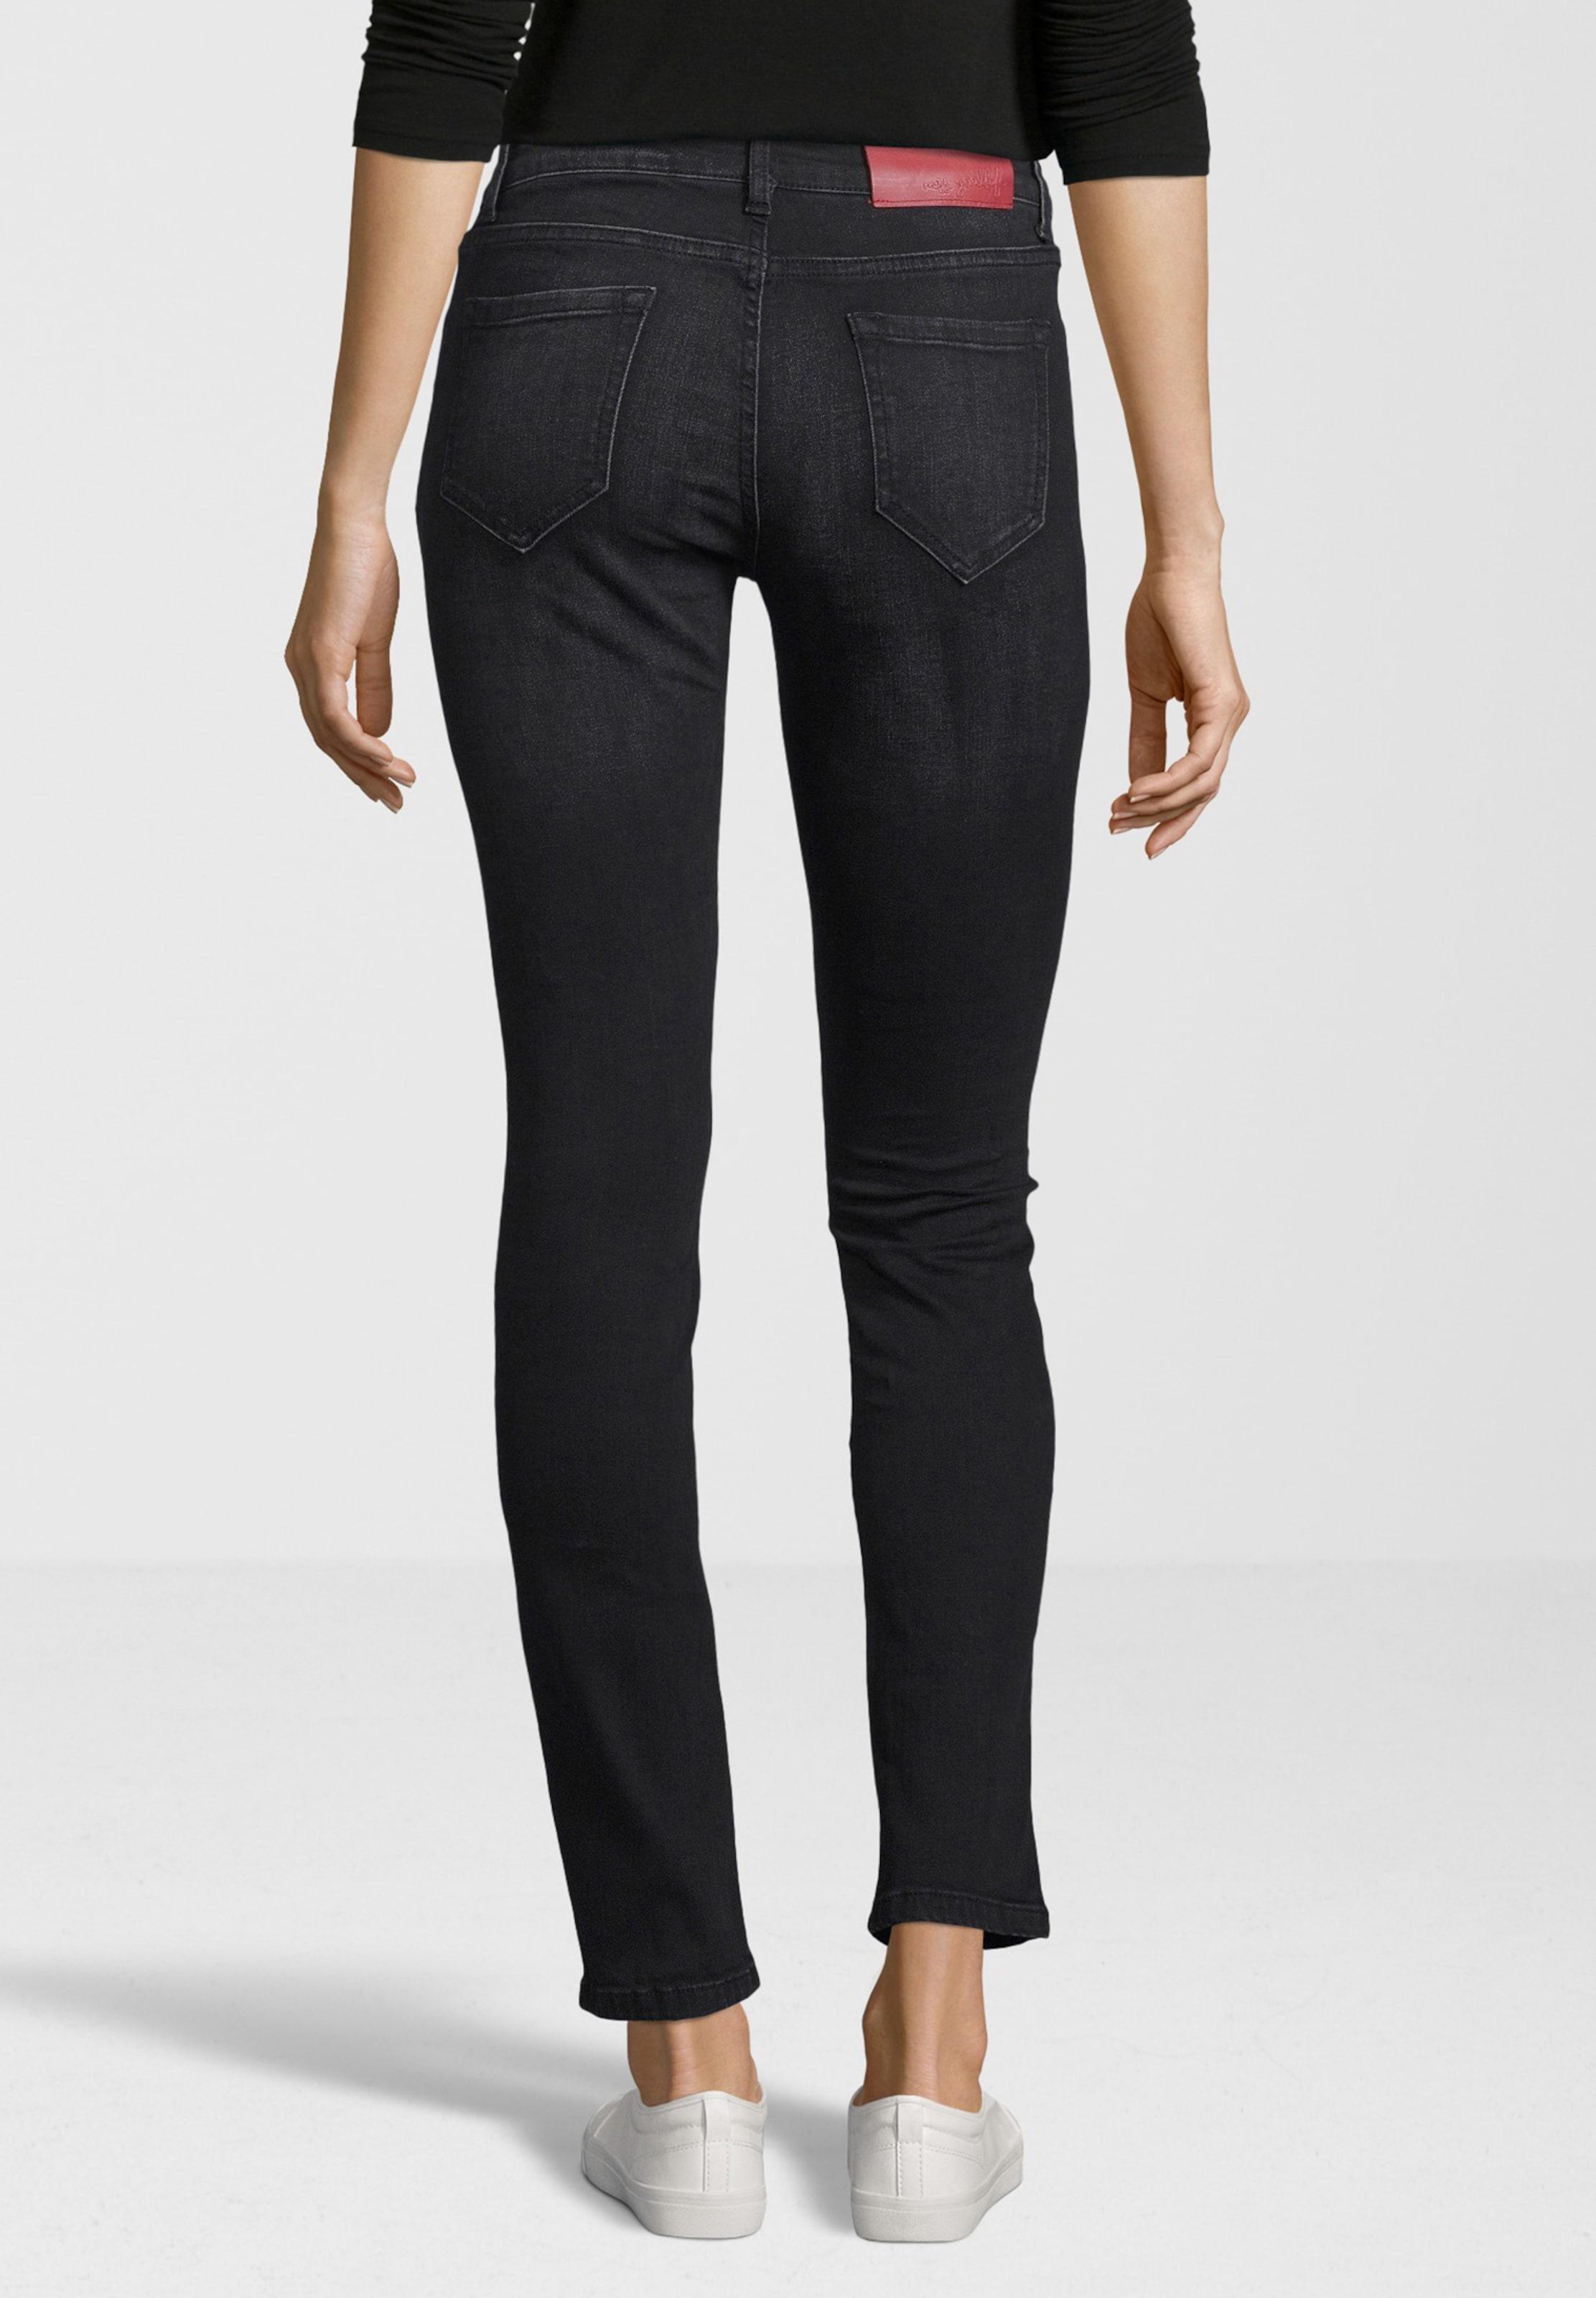 Miss Goodlife Black 'vonny' Denim Jeans In mnvNO0w8